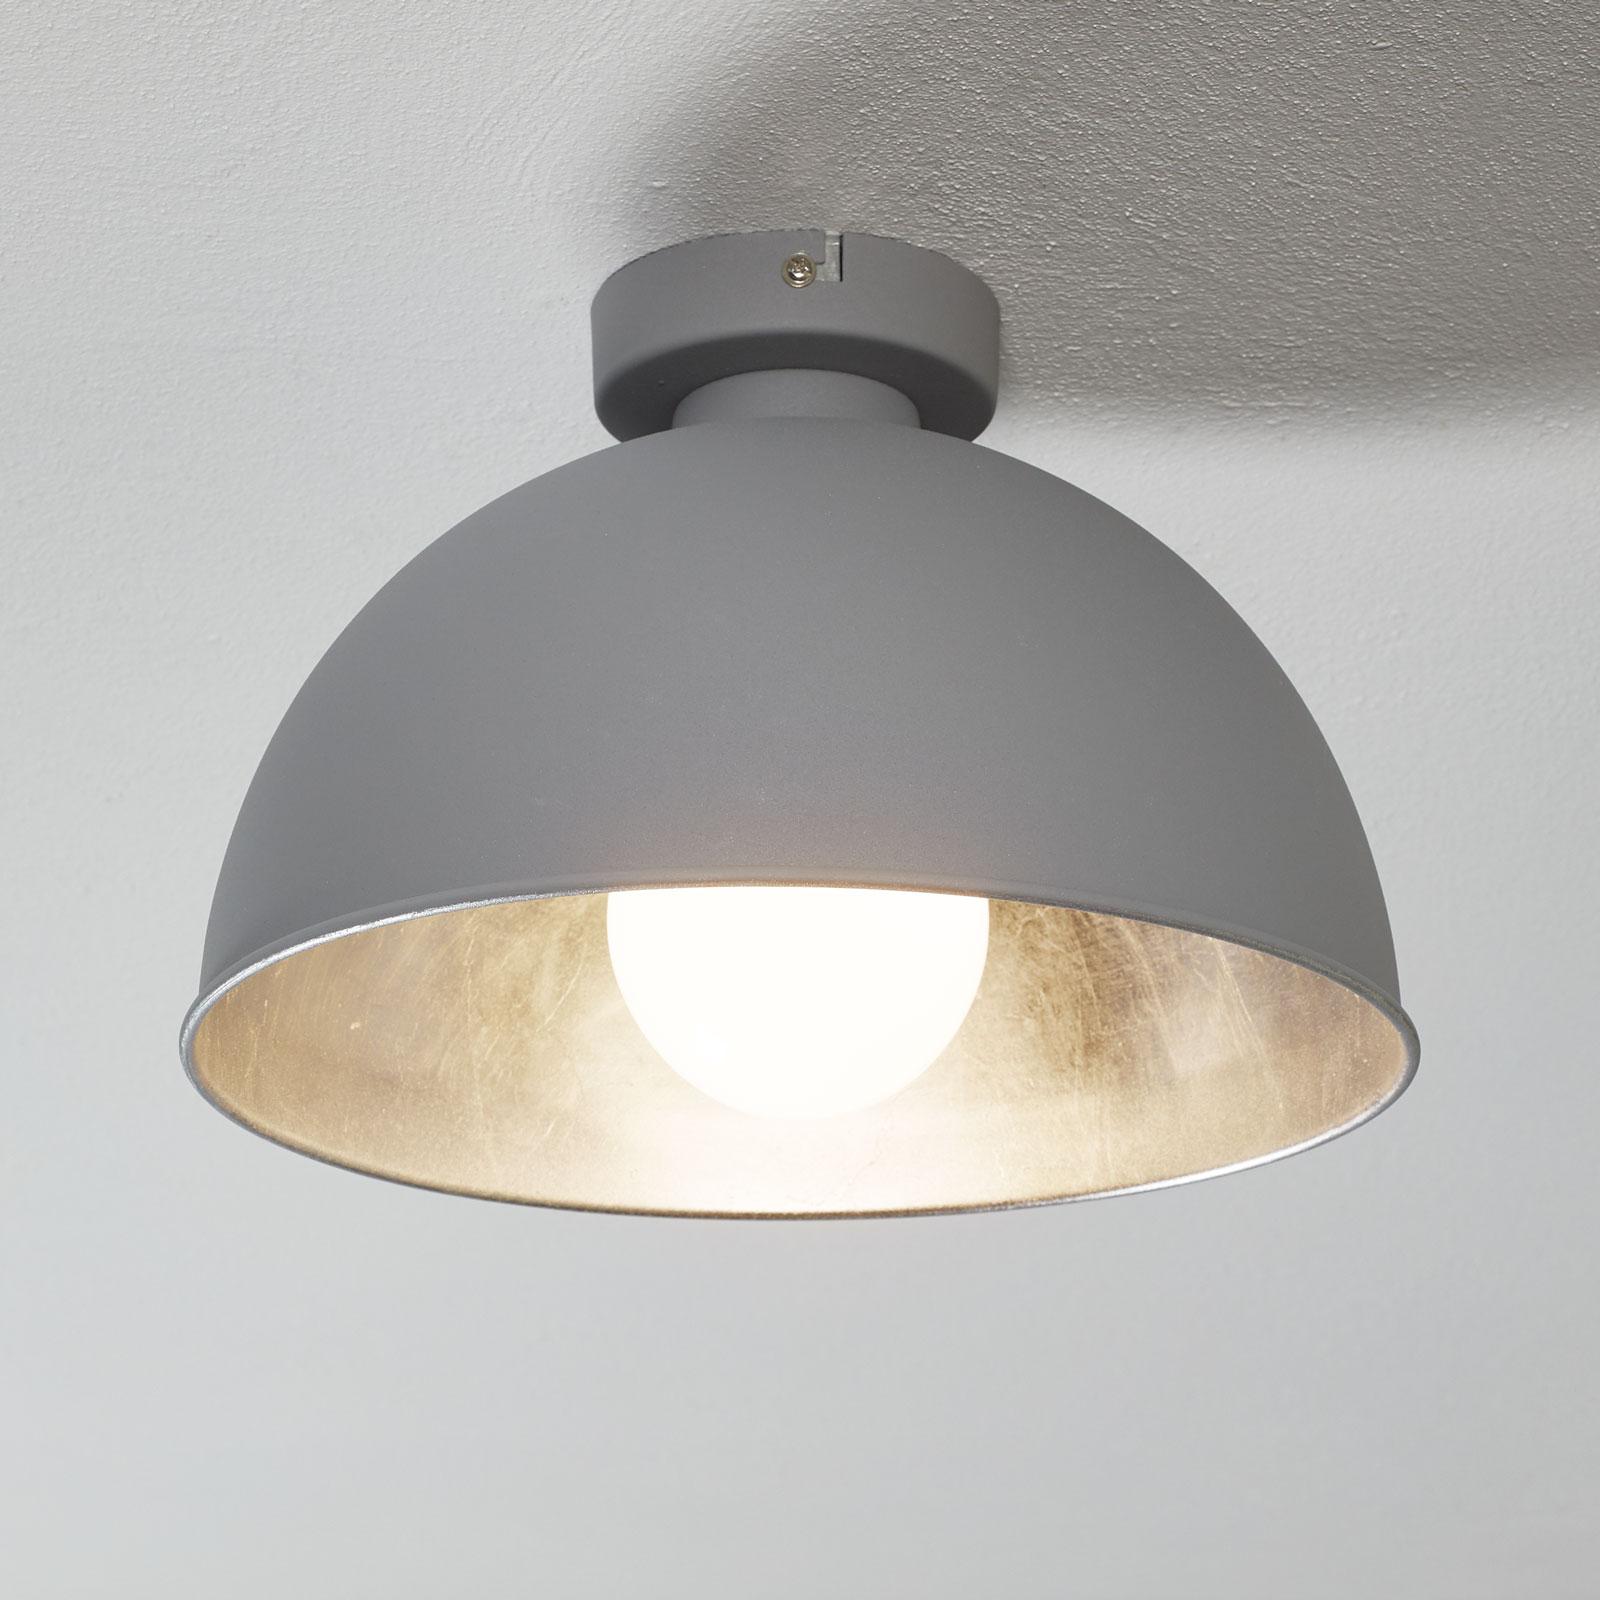 Metalowa lampa sufitowa JIMMY, szara/srebrna